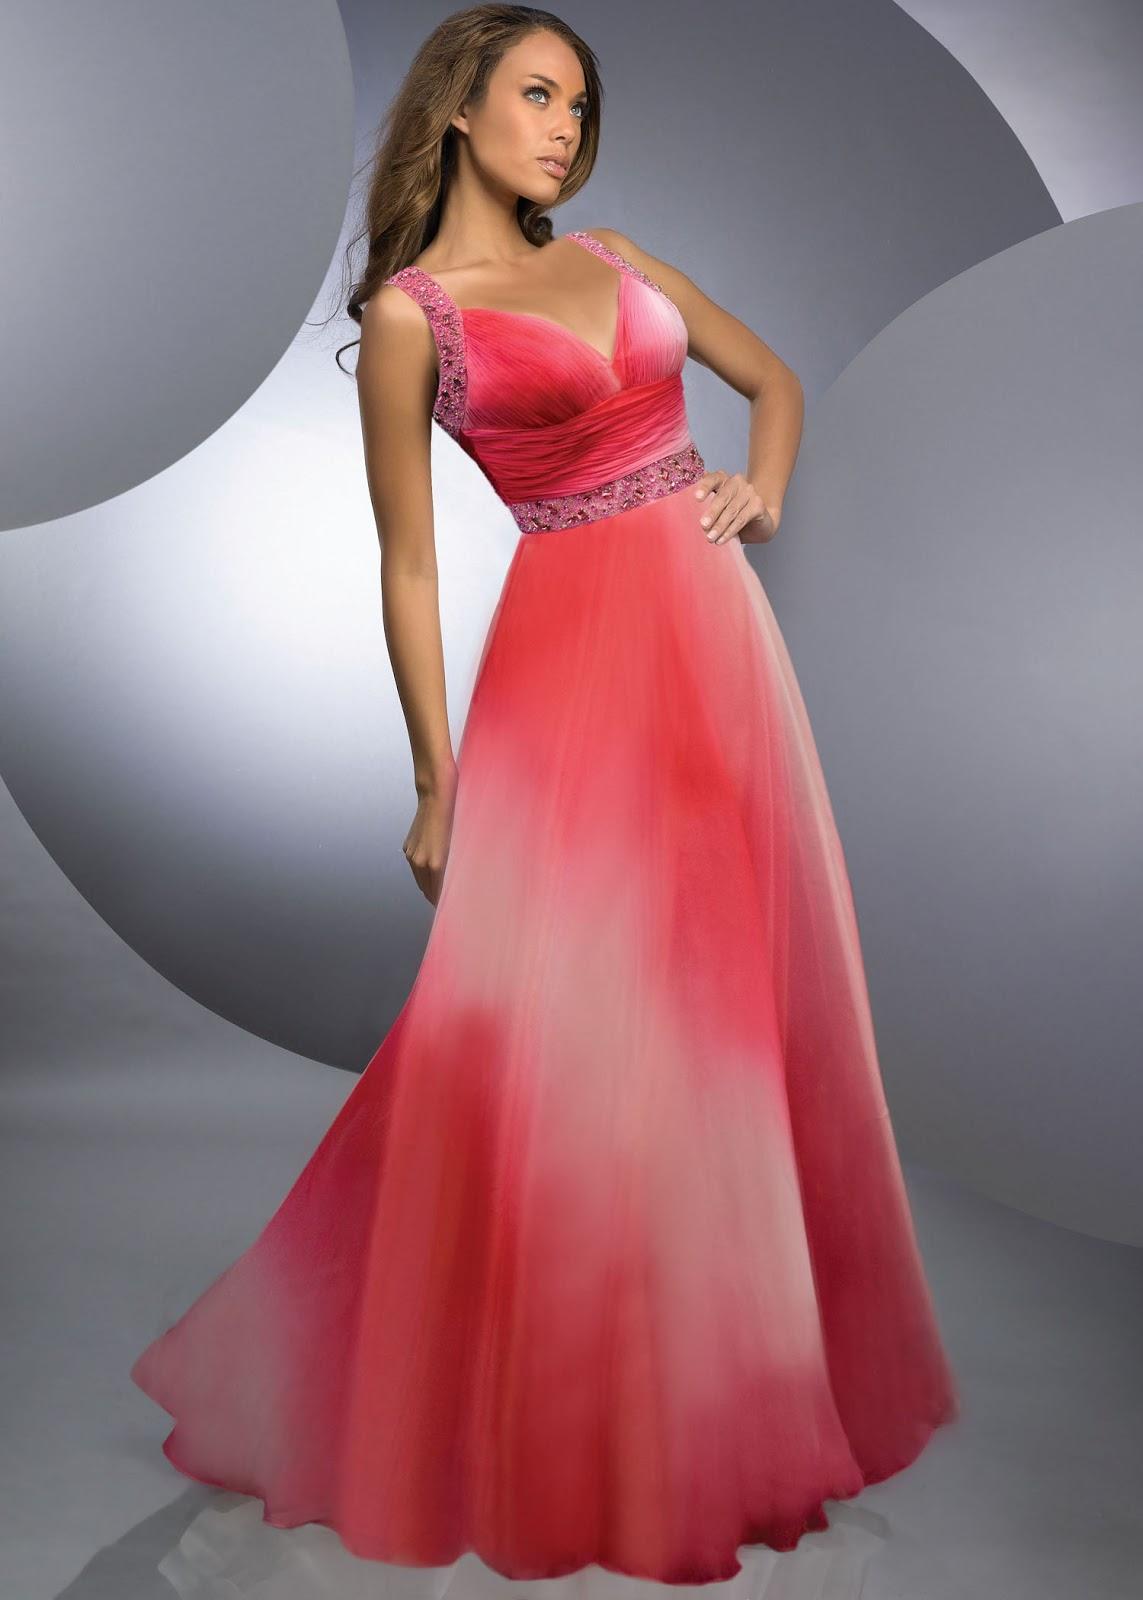 Women Best Evening Dress Collection 2013